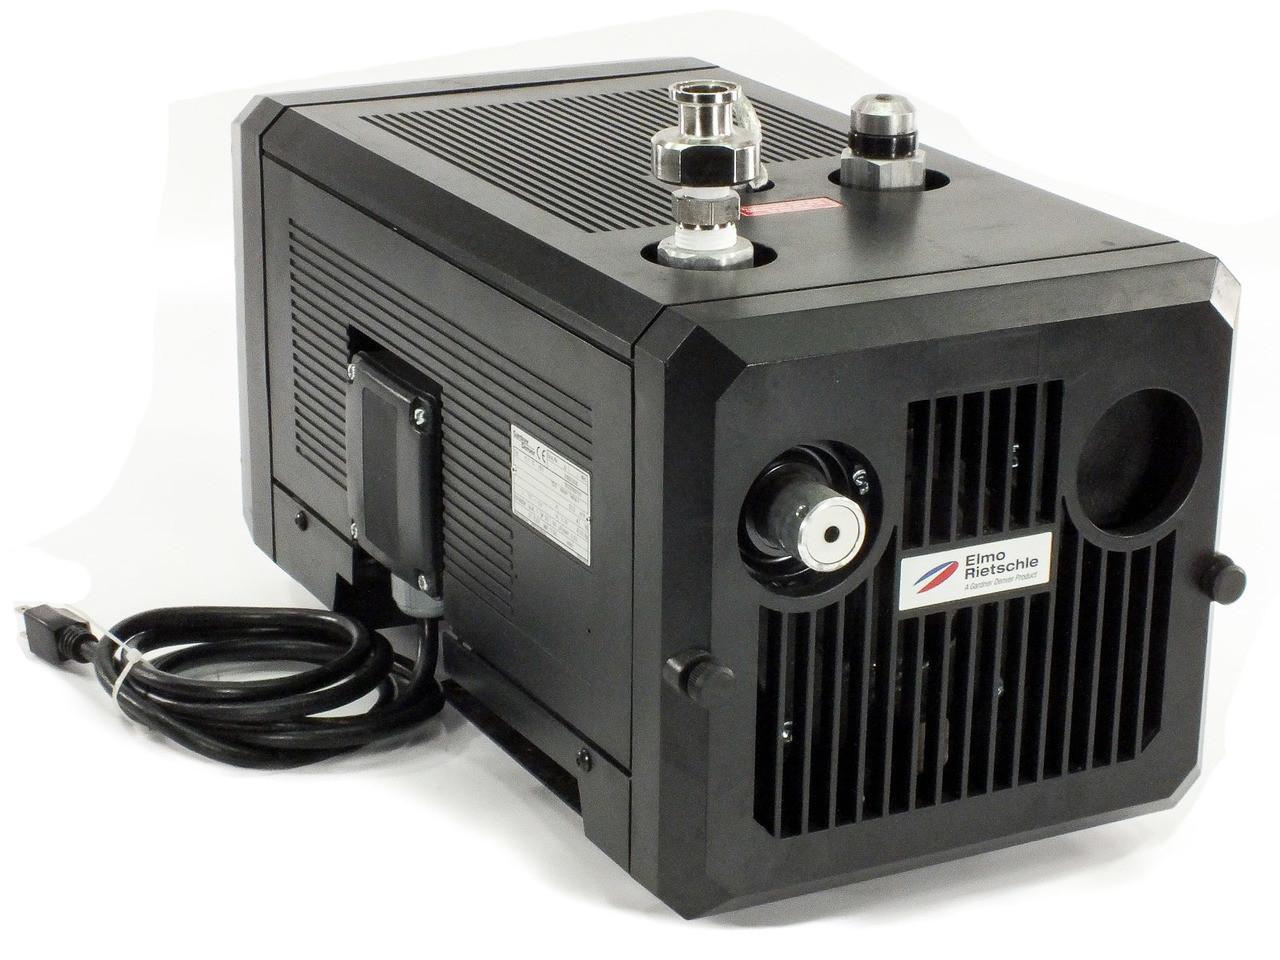 Elmo Rietschle Vlt 15 01 Gardner Denver Vacuum Pump 115 Volt 1 Gast Oilless Wire Diagram Phase 205 M